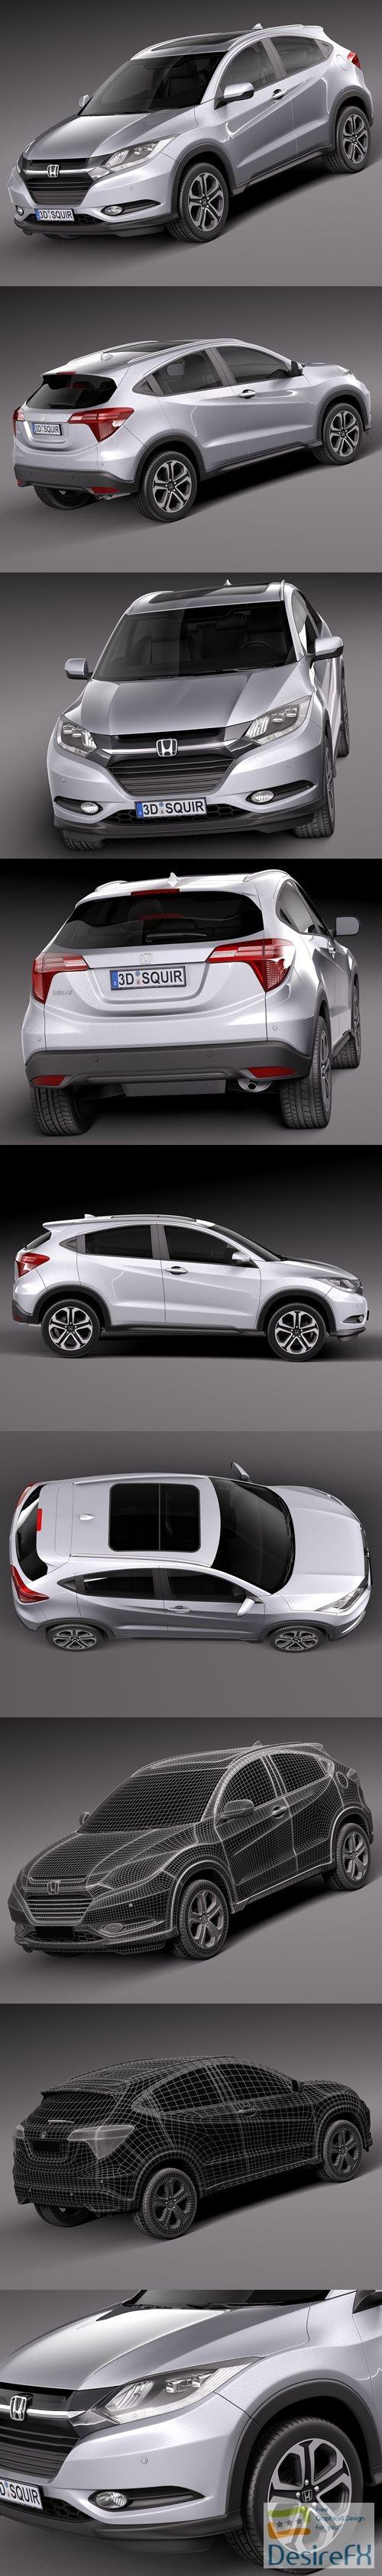 3d-models - Honda HR-V EU 2016 3D Model